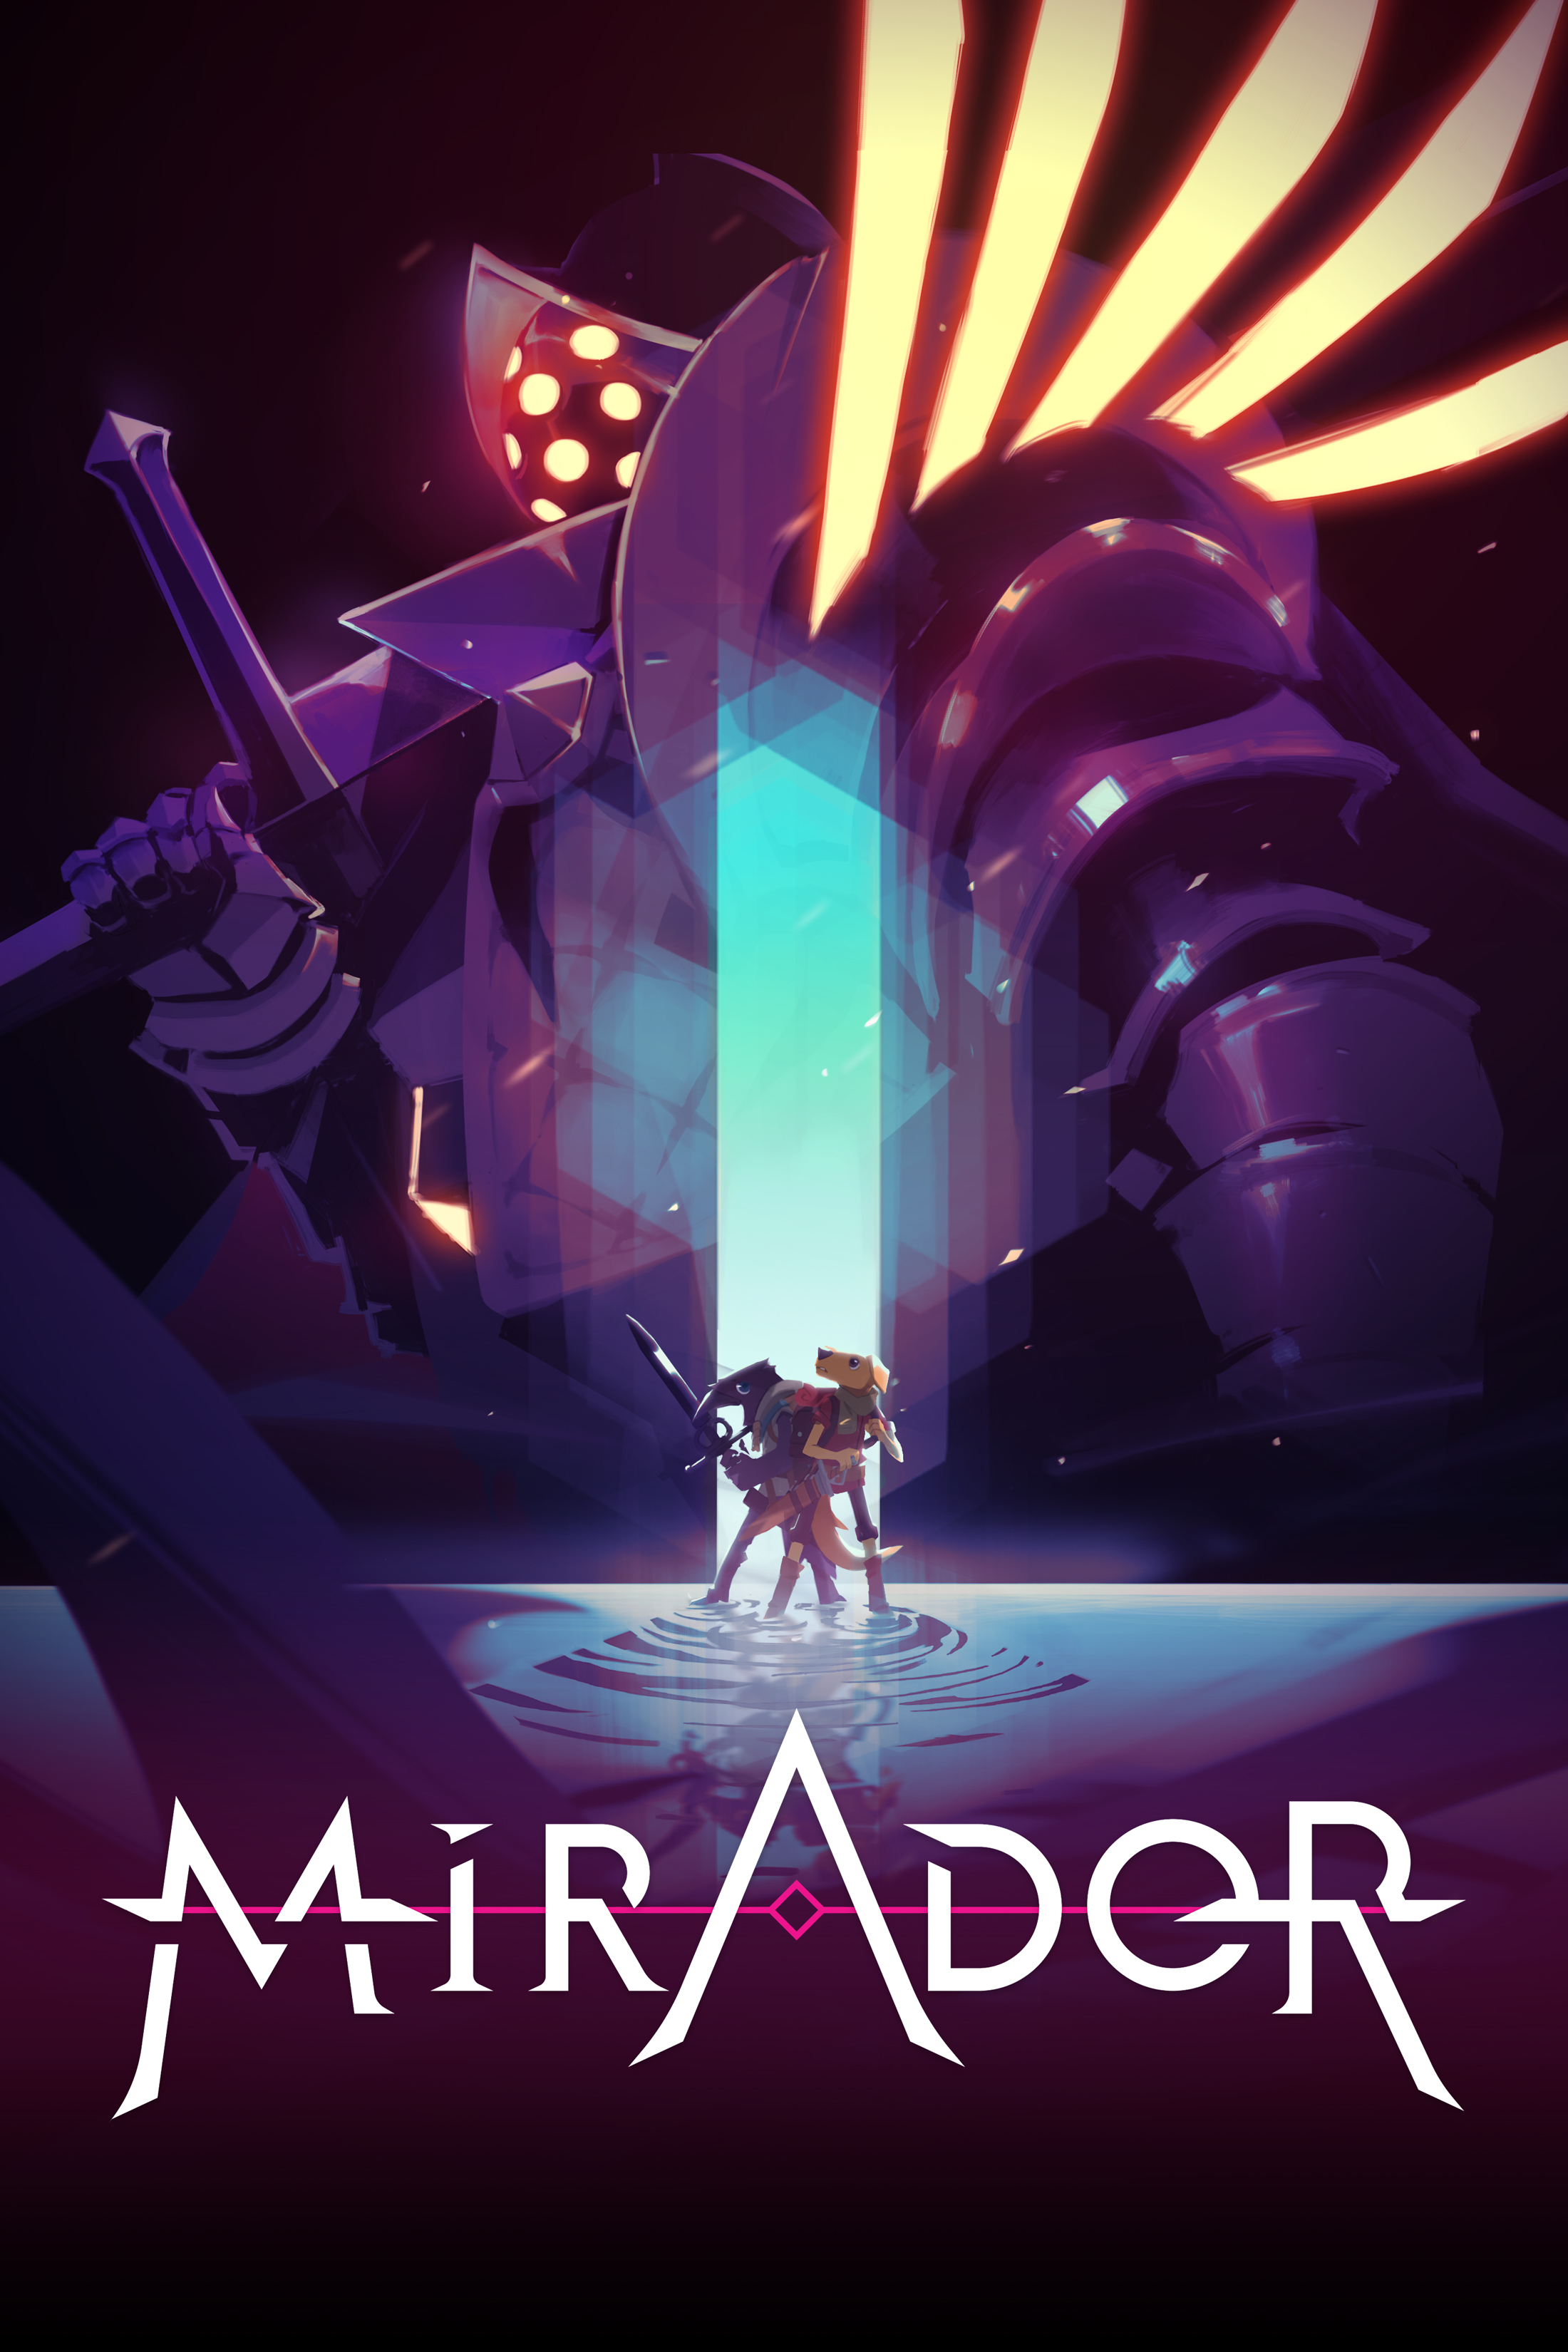 Mirador_BoxArt_3300.jpg